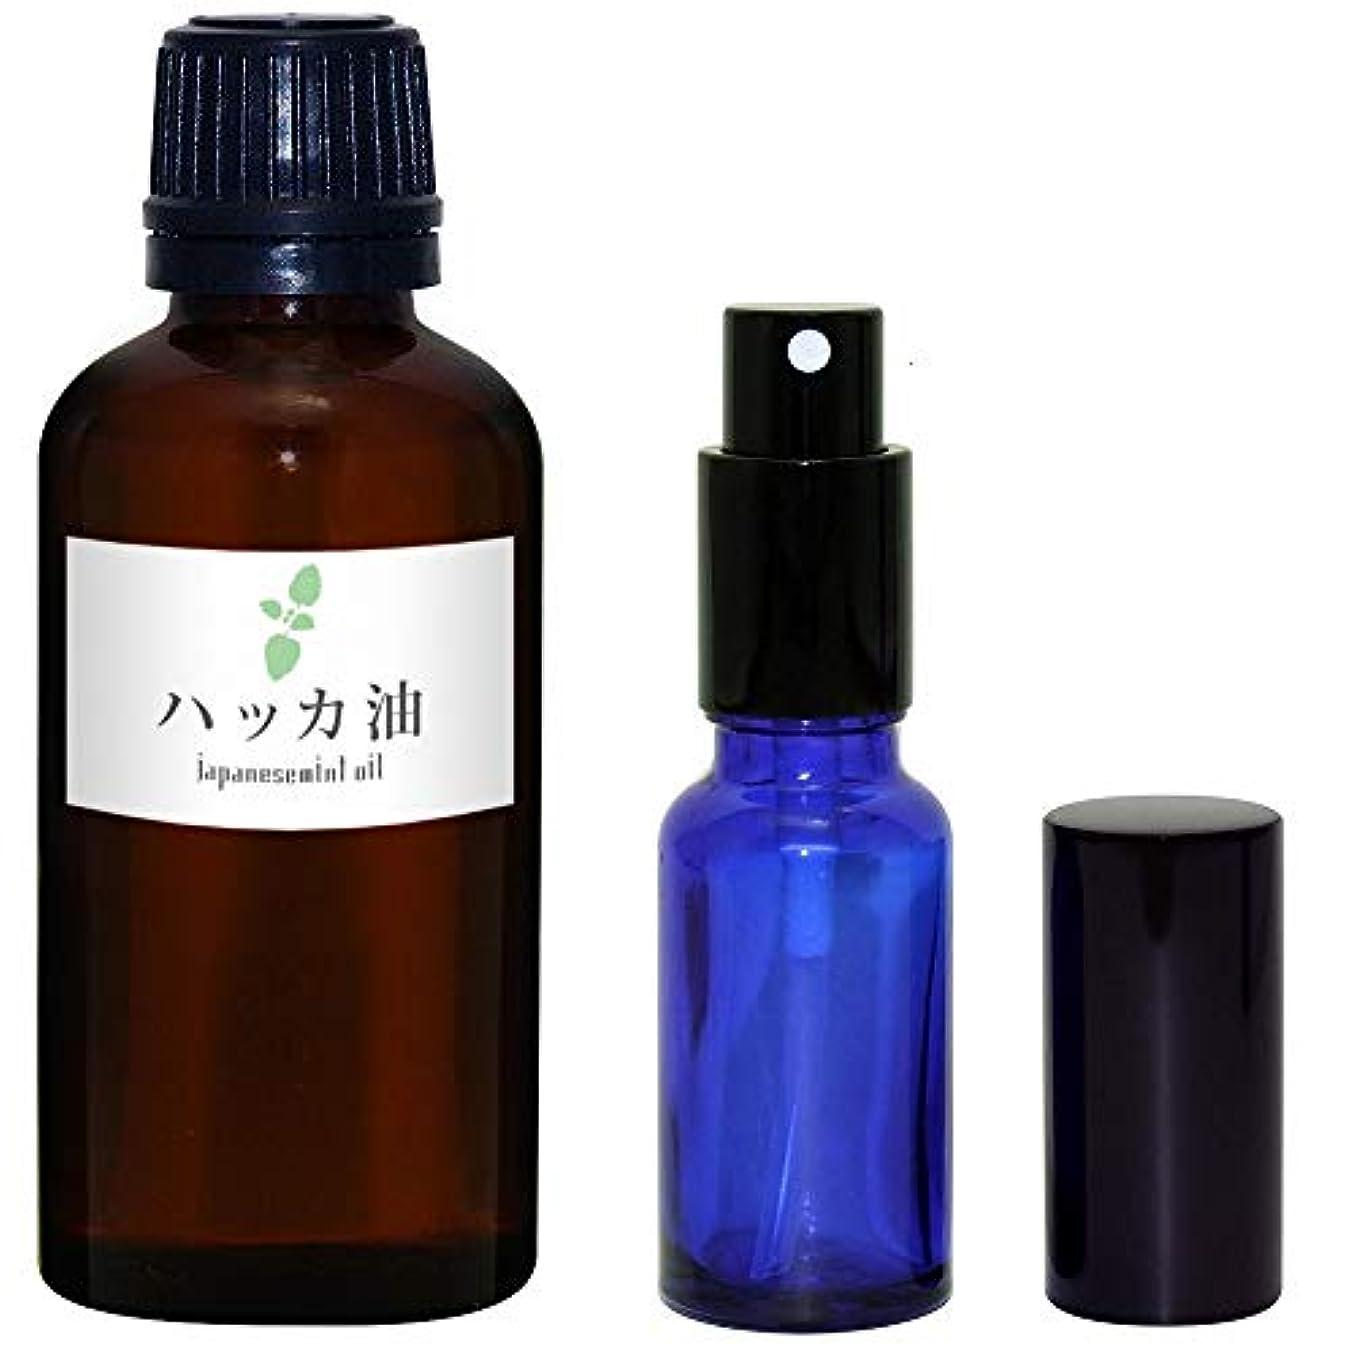 震え加害者ベットガレージ?ゼロ ハッカ油 50ml(GZAK15)+ガラス瓶 スプレーボトル20ml/和種薄荷/ジャパニーズミント GSE535